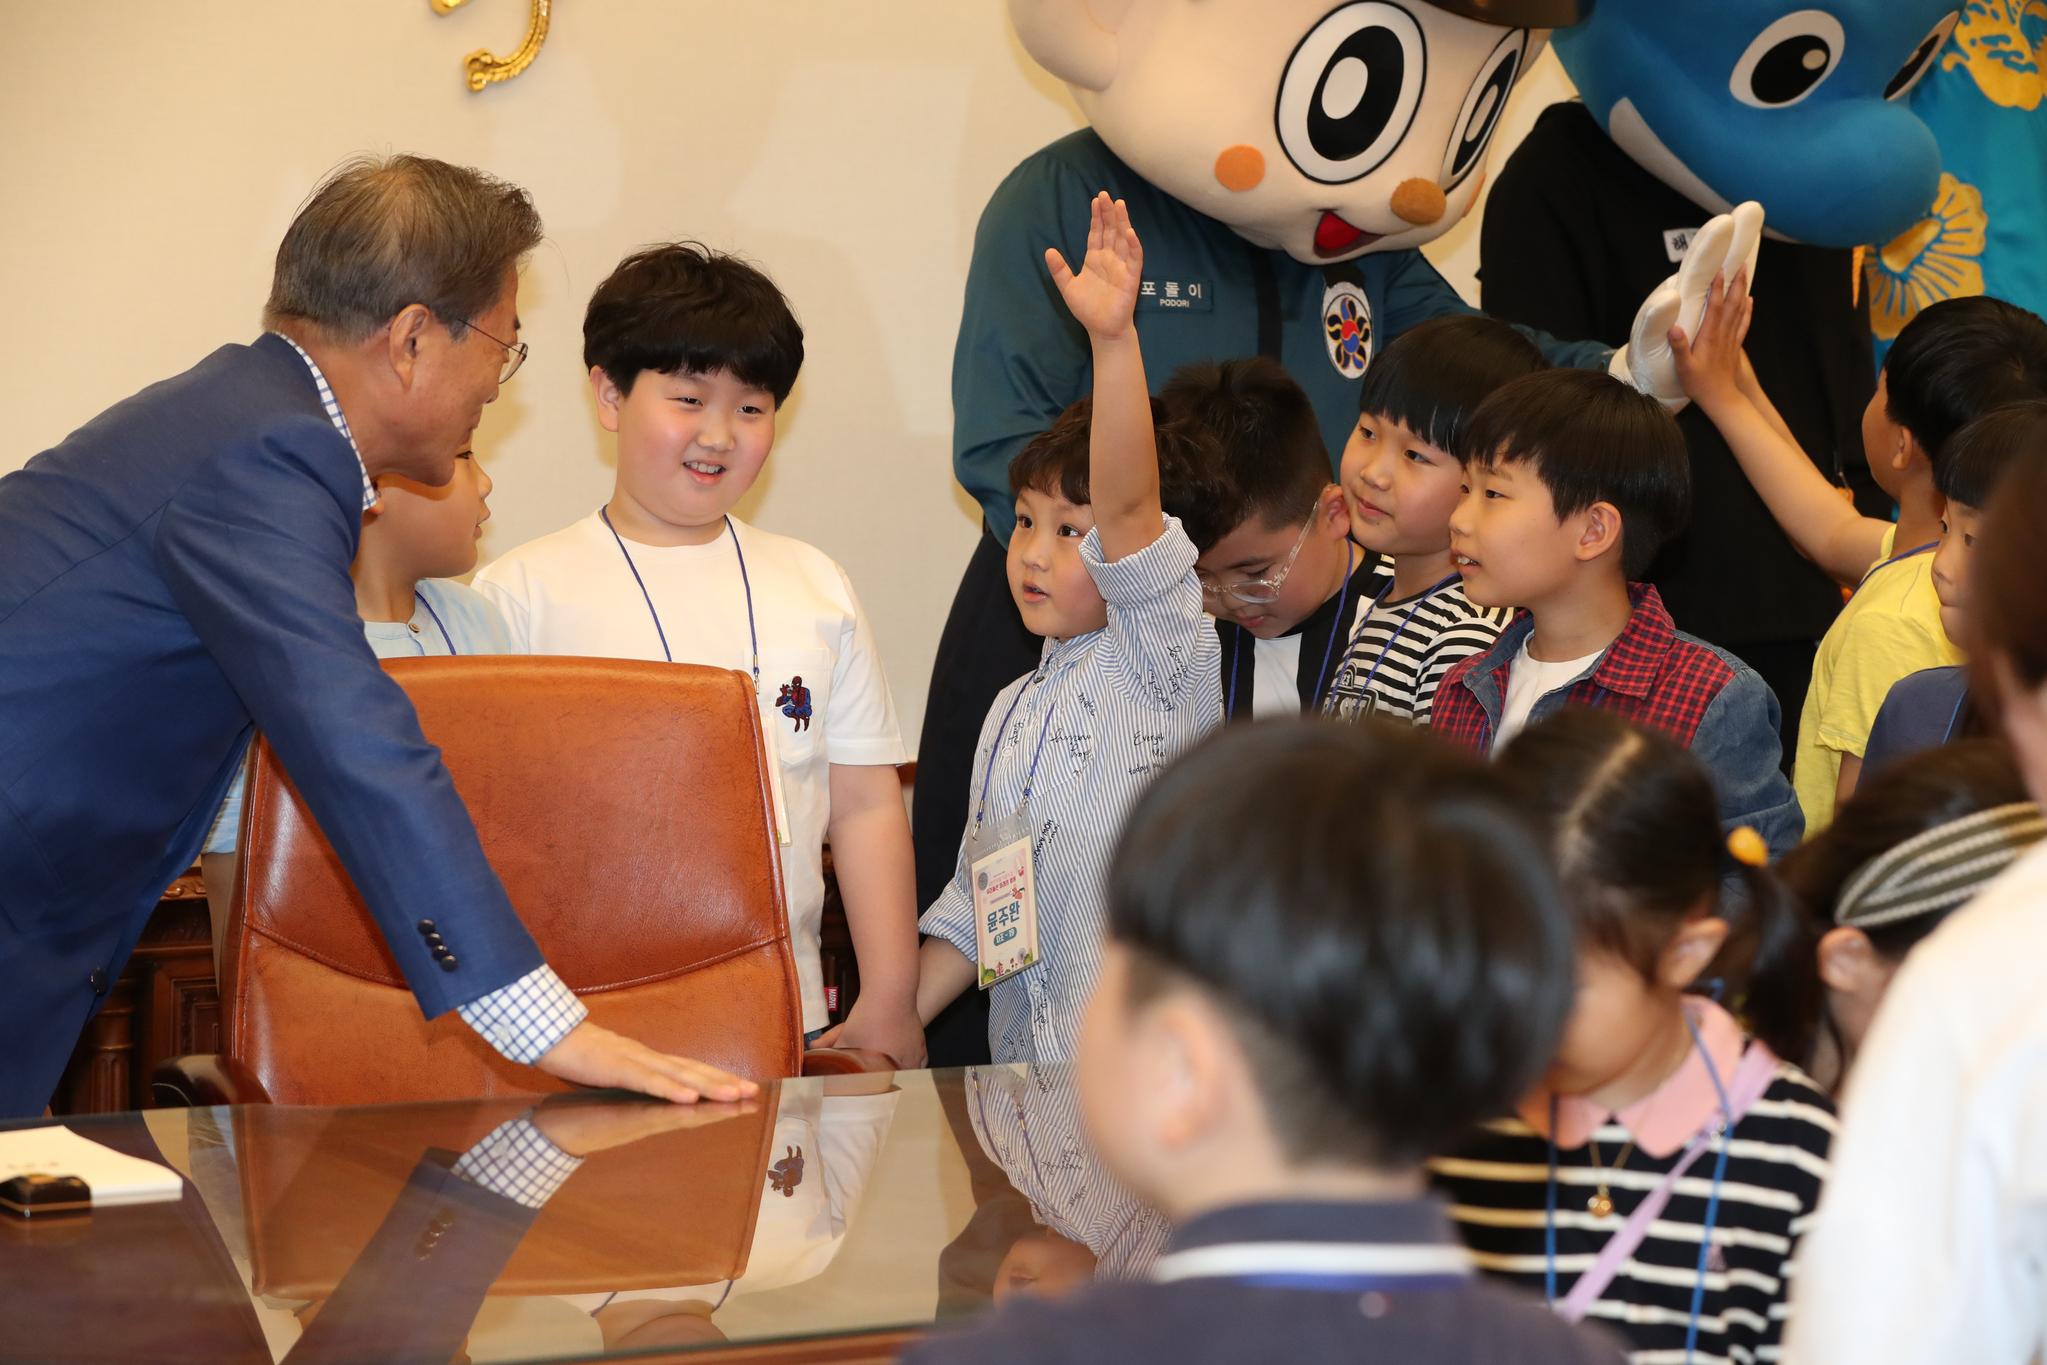 문재인 대통령이 5일 본관 집무실에서 어린이들과 대화하고 있다. 청와대사진기자단